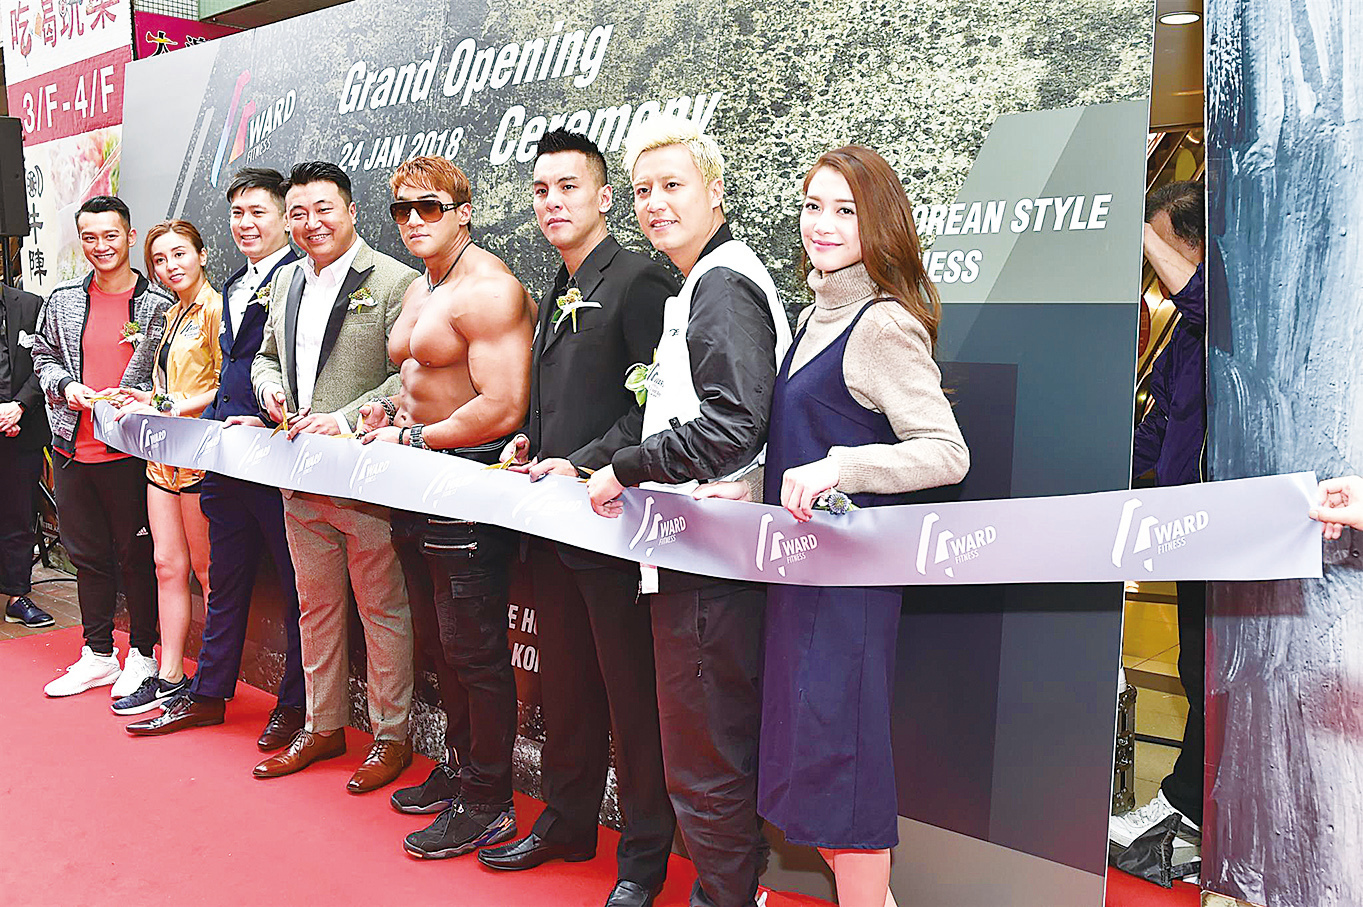 雨僑(左二)、吳浩康(Deep)(左一)和張建聲(Justin)(右二)等人出席韓式健身中心開幕活動。(郭威利/大紀元)